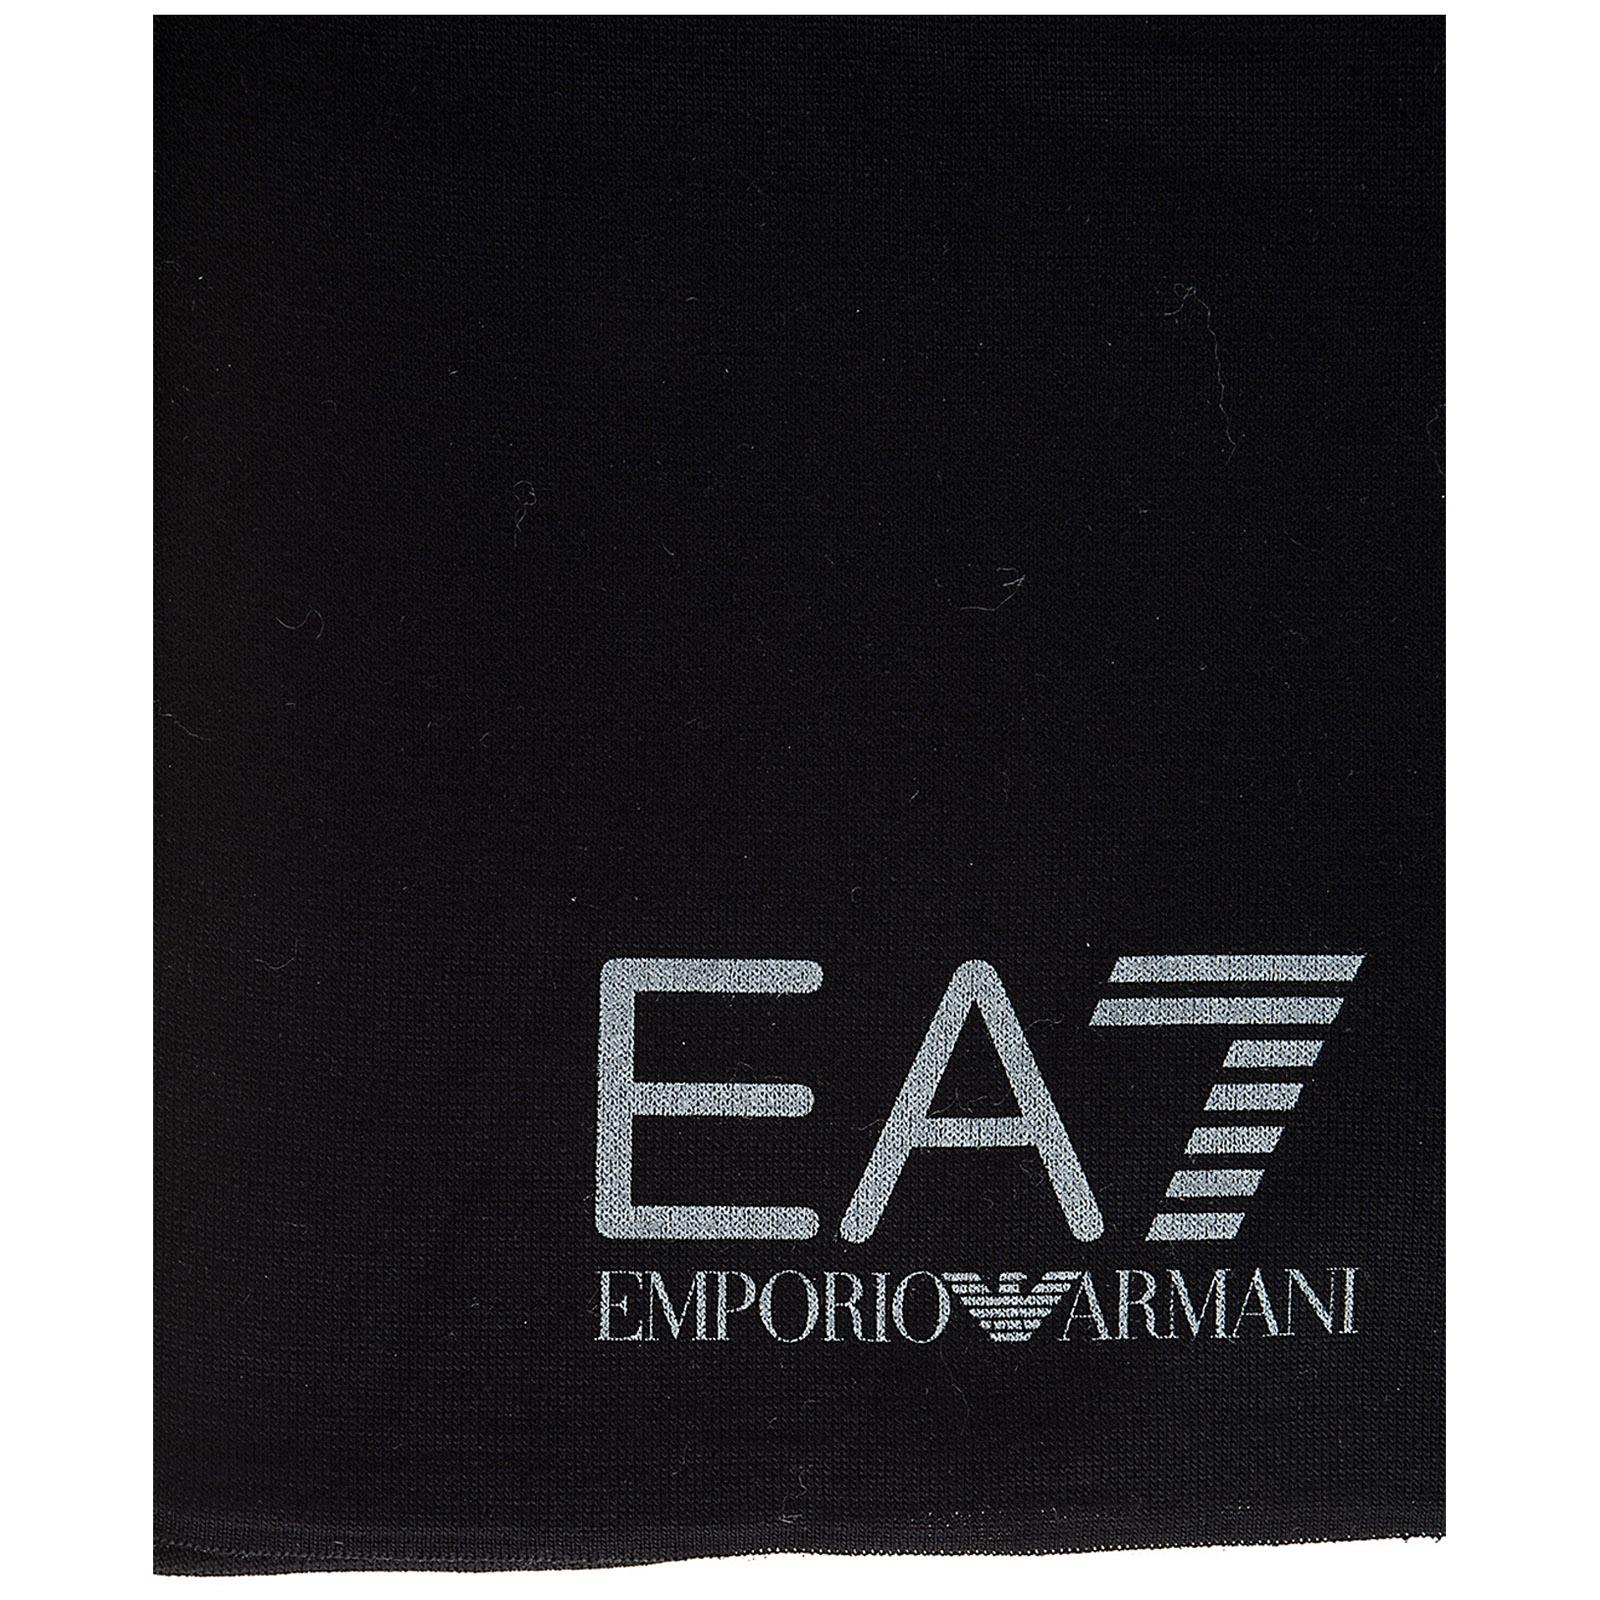 Scarf Emporio Armani EA7 285439 7A393 00020 black   FRMODA.com c77c7ab2a79